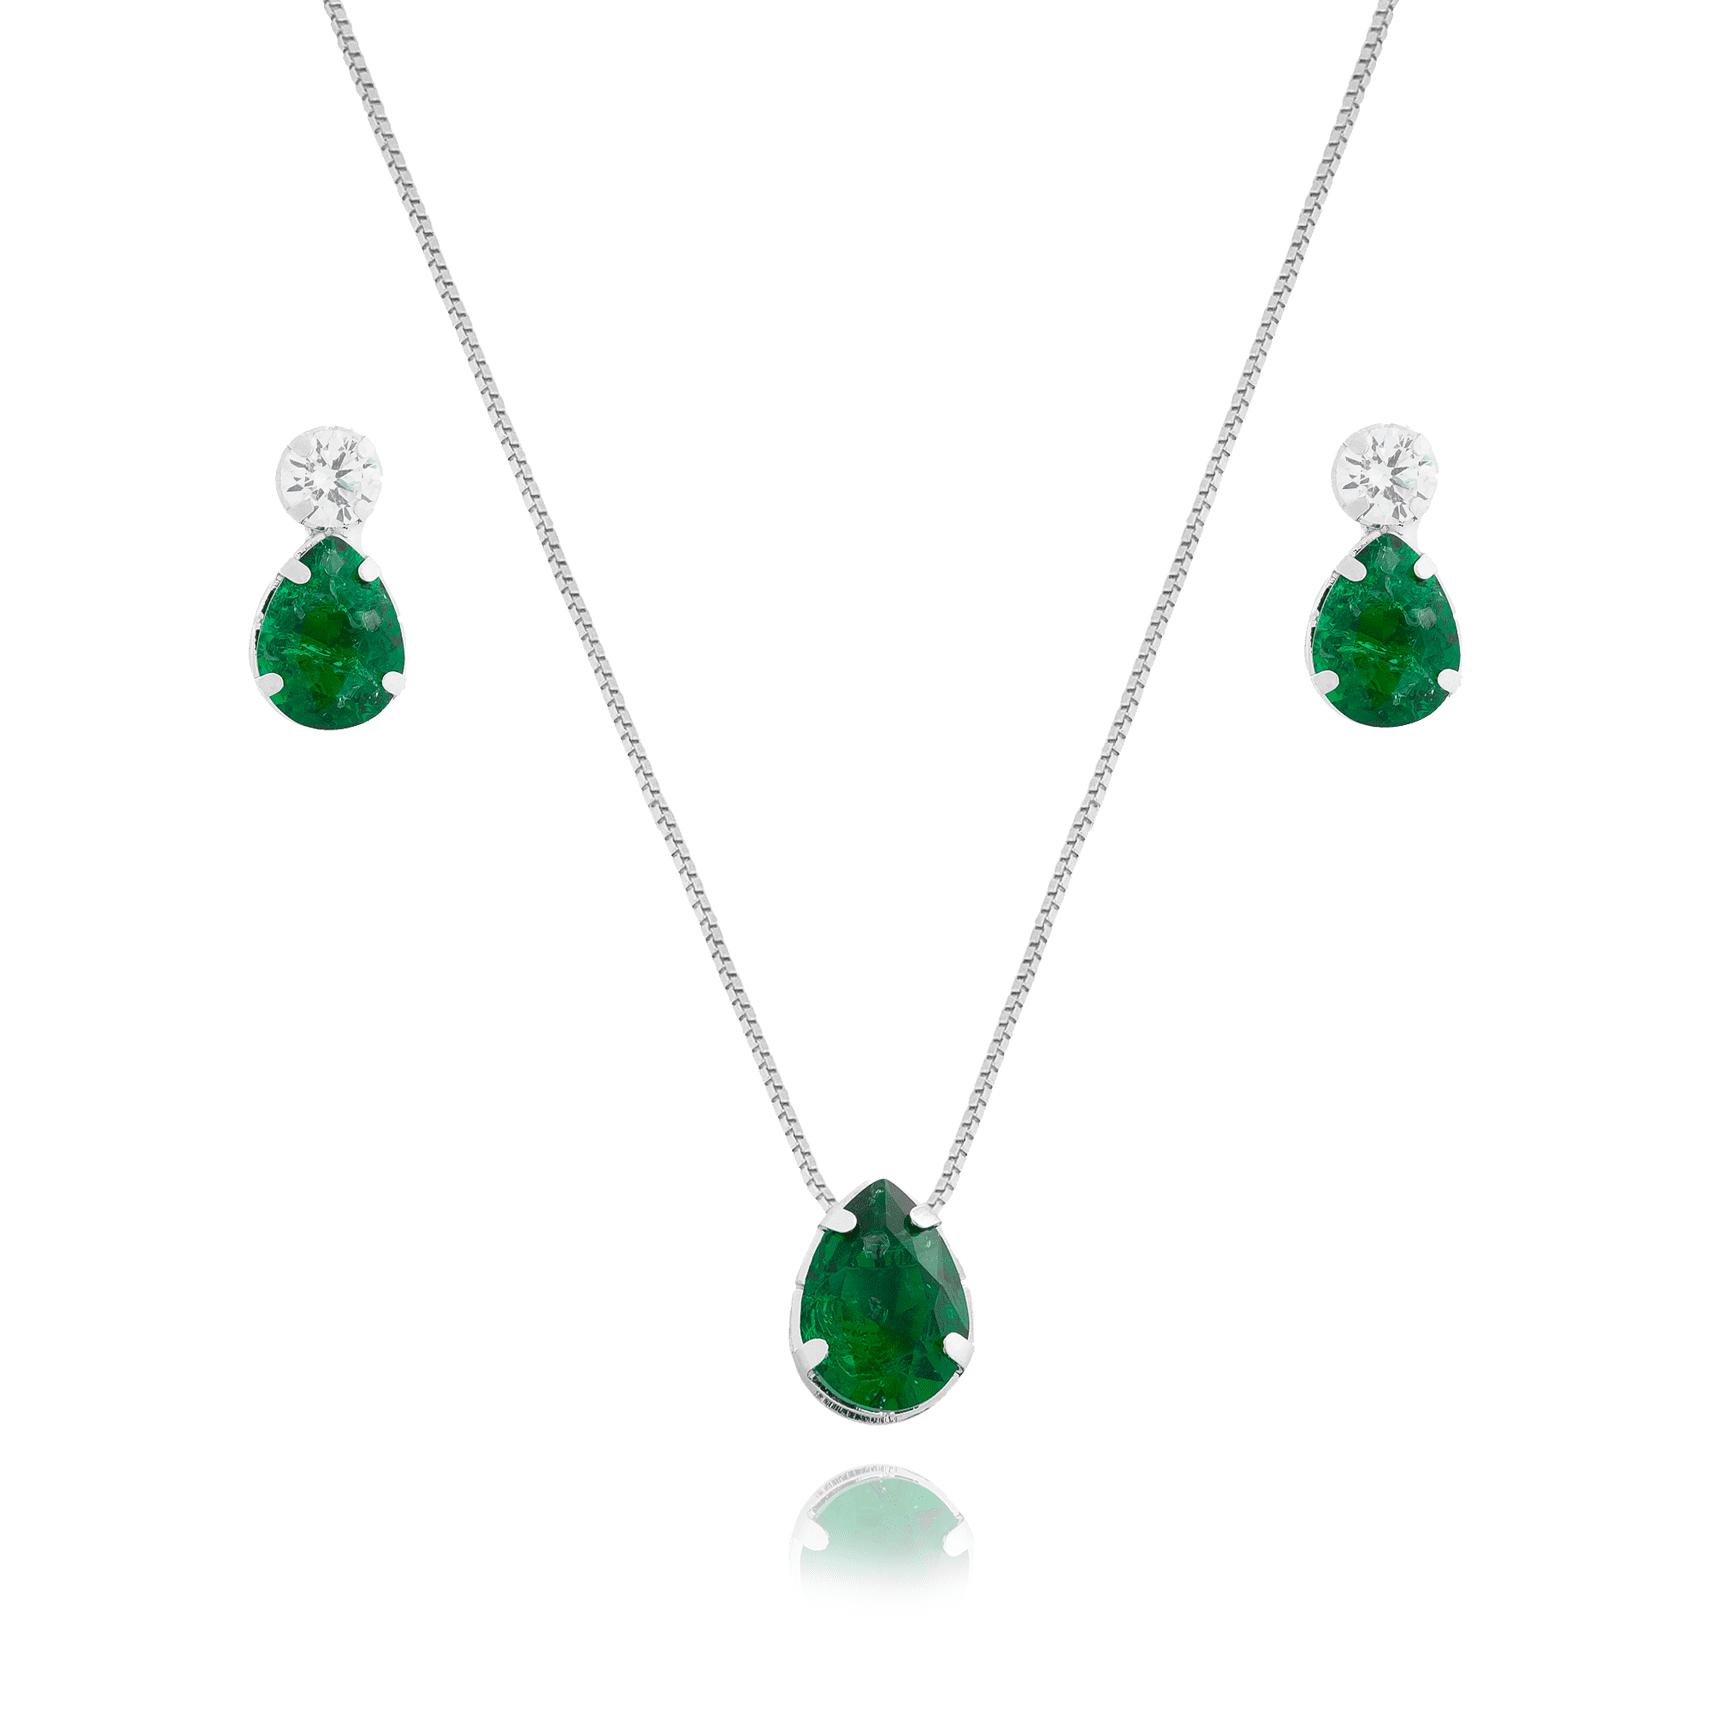 Conjunto de Colar e Brincos Gota com Pedra Fusion Verde Folheado em Ródio Branco - Giro Semijoias